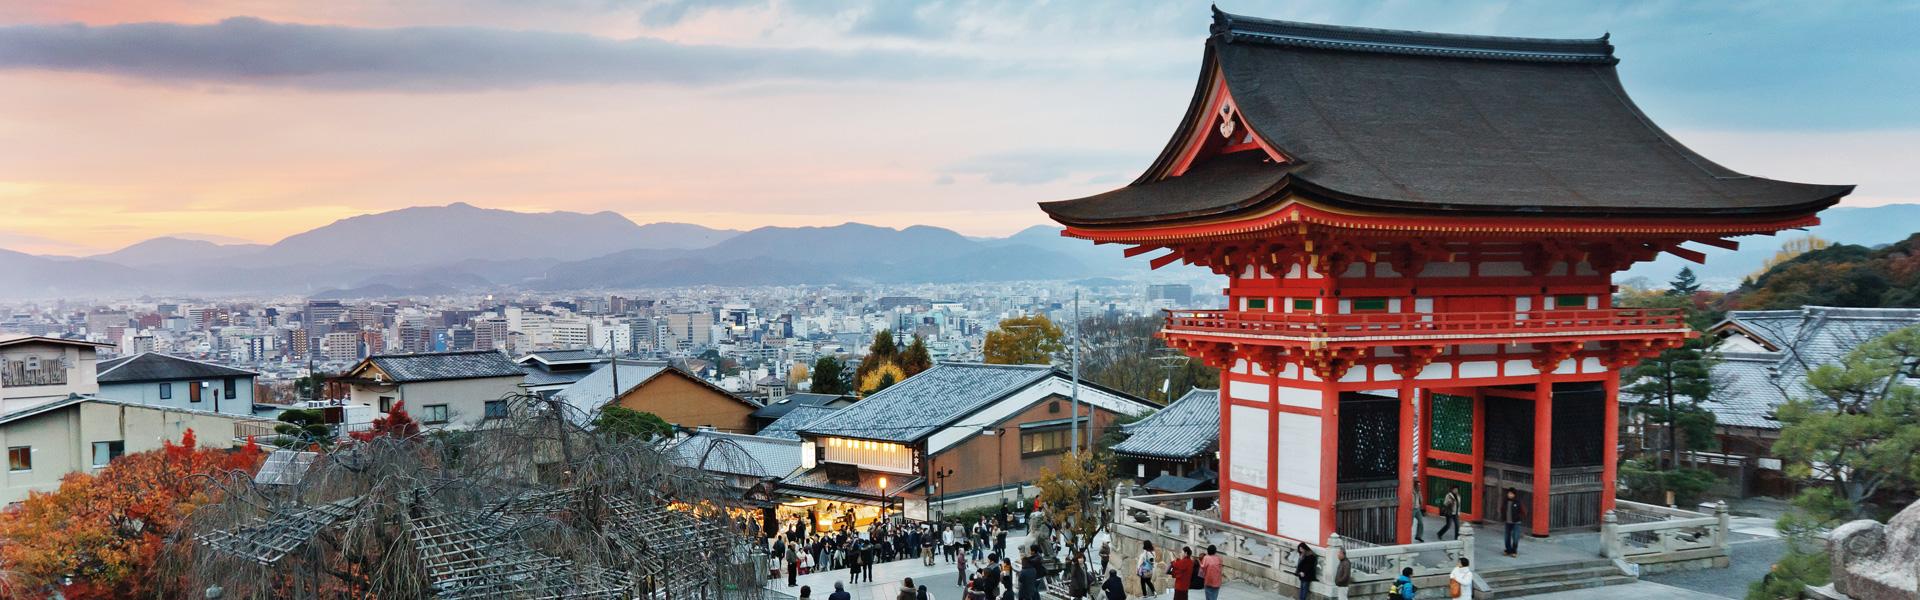 Top Things To See In Japan